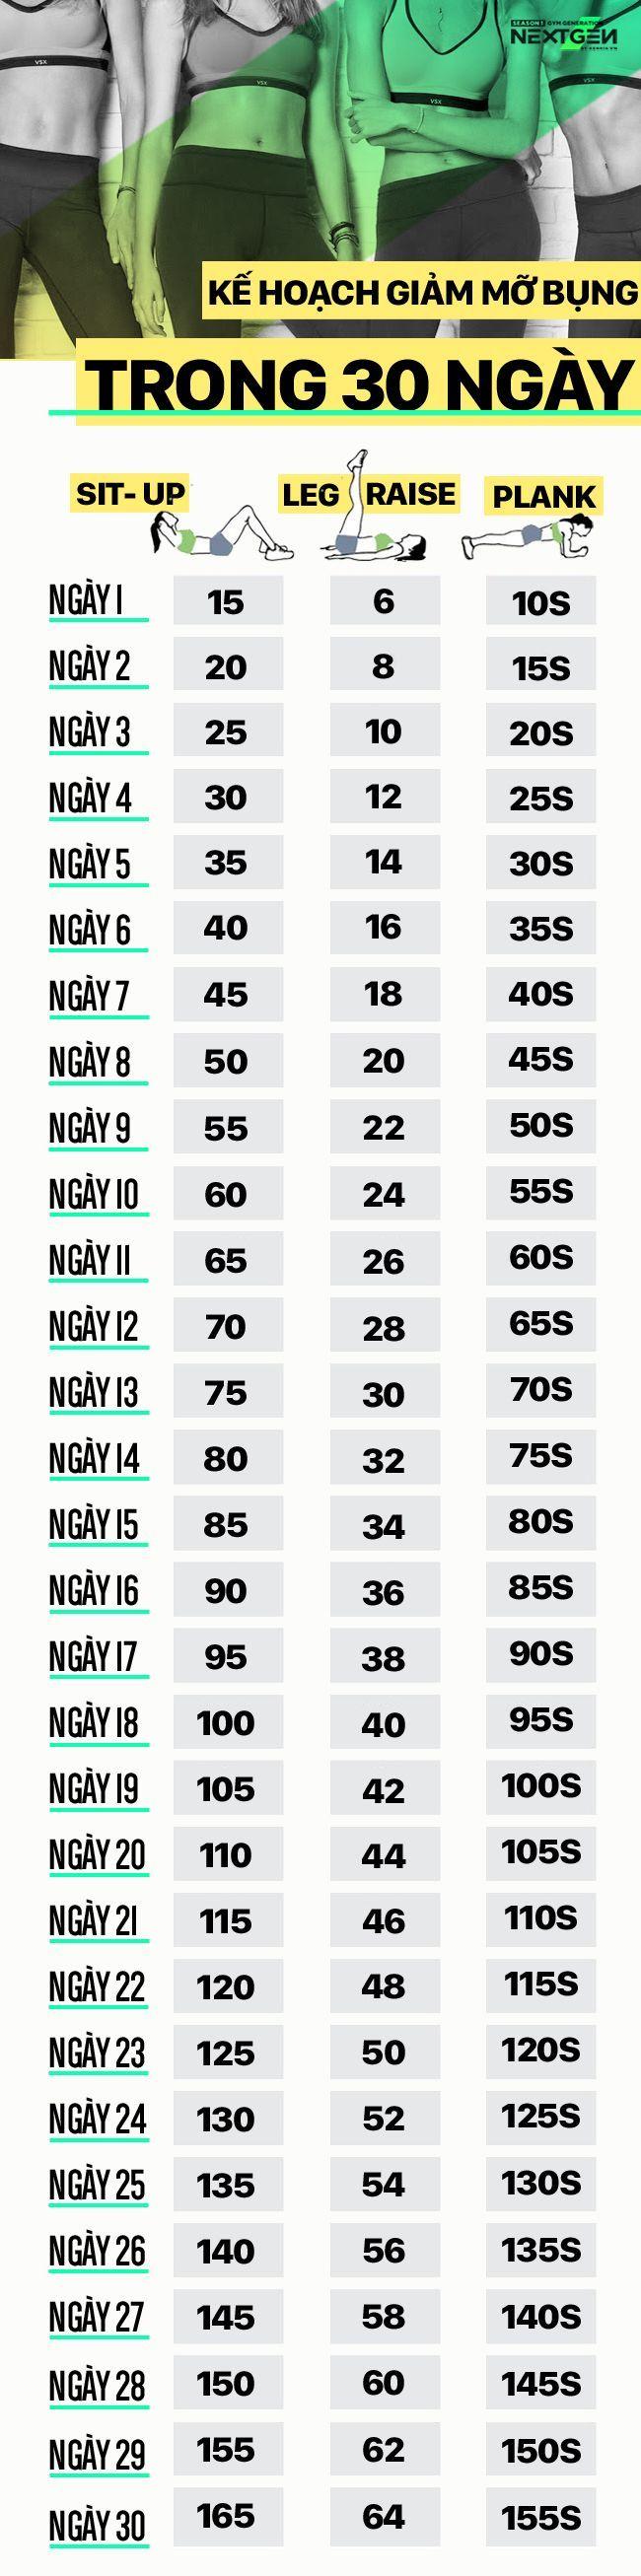 Bộ 3 bài tập bất bại giúp đánh bay mỡ bụng sau 30 ngày - Ảnh 1.